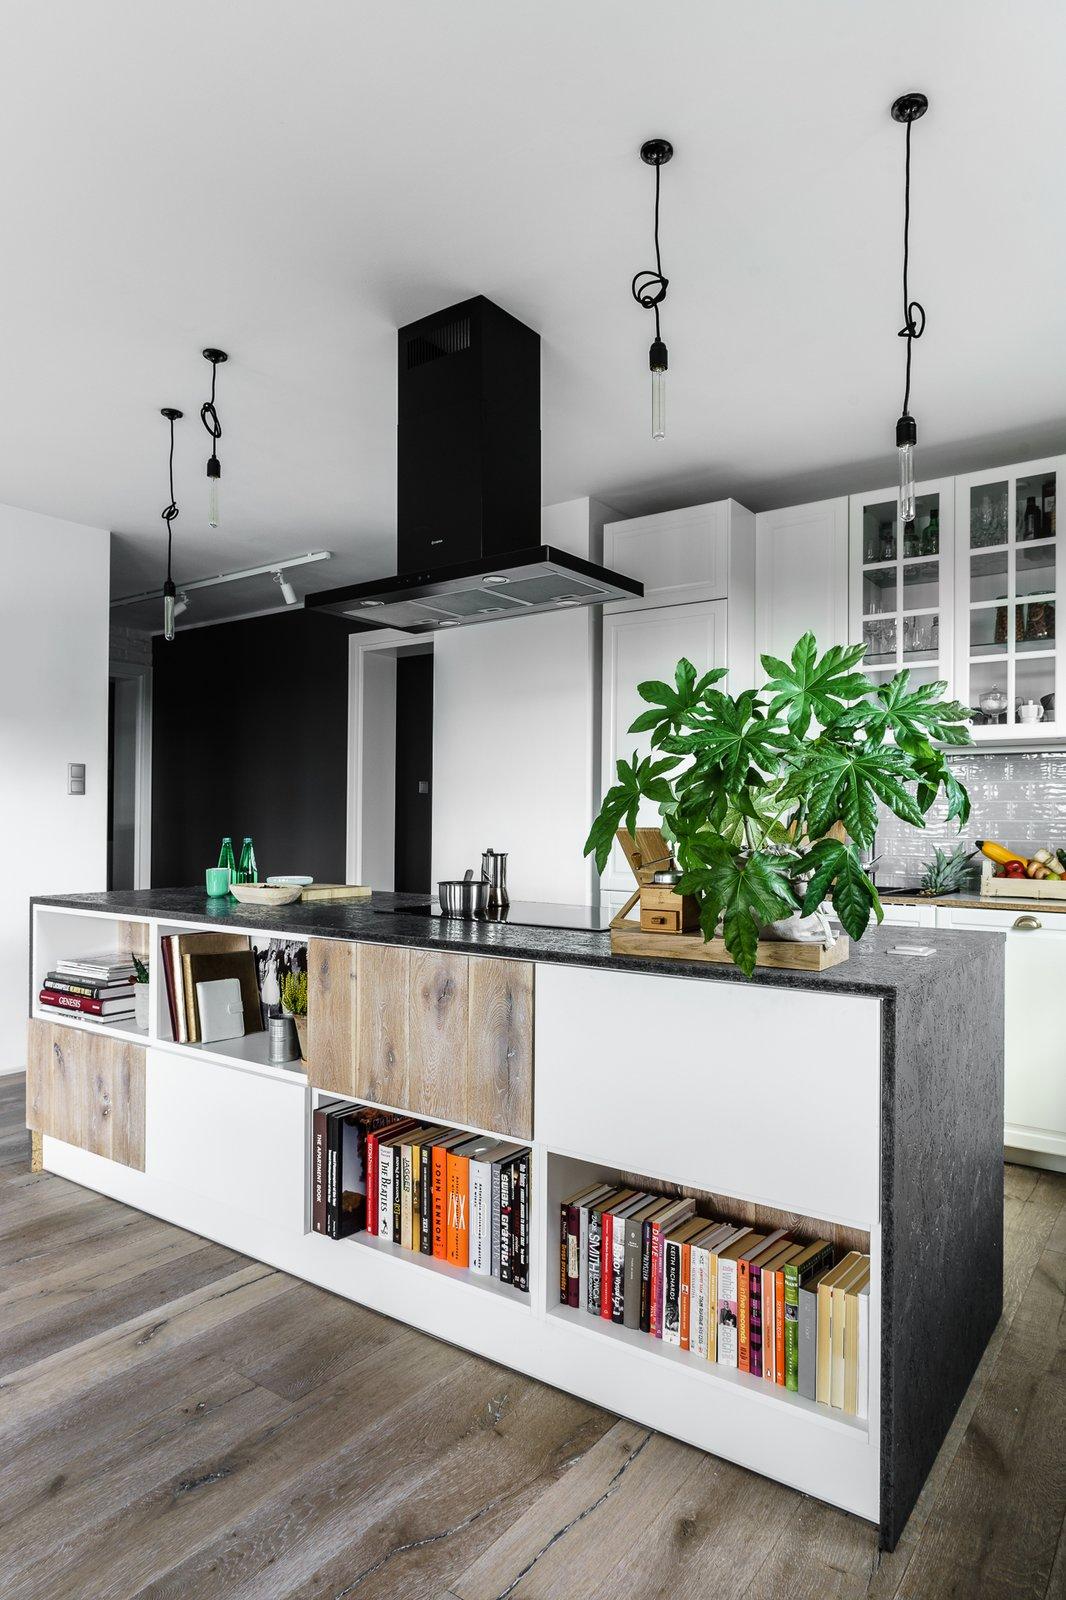 Kitchen, White Cabinet, Medium Hardwood Floor, Granite Counter, Glass Tile Backsplashe, Subway Tile Backsplashe, Pendant Lighting, Range Hood, and Cooktops  Loft in Poland